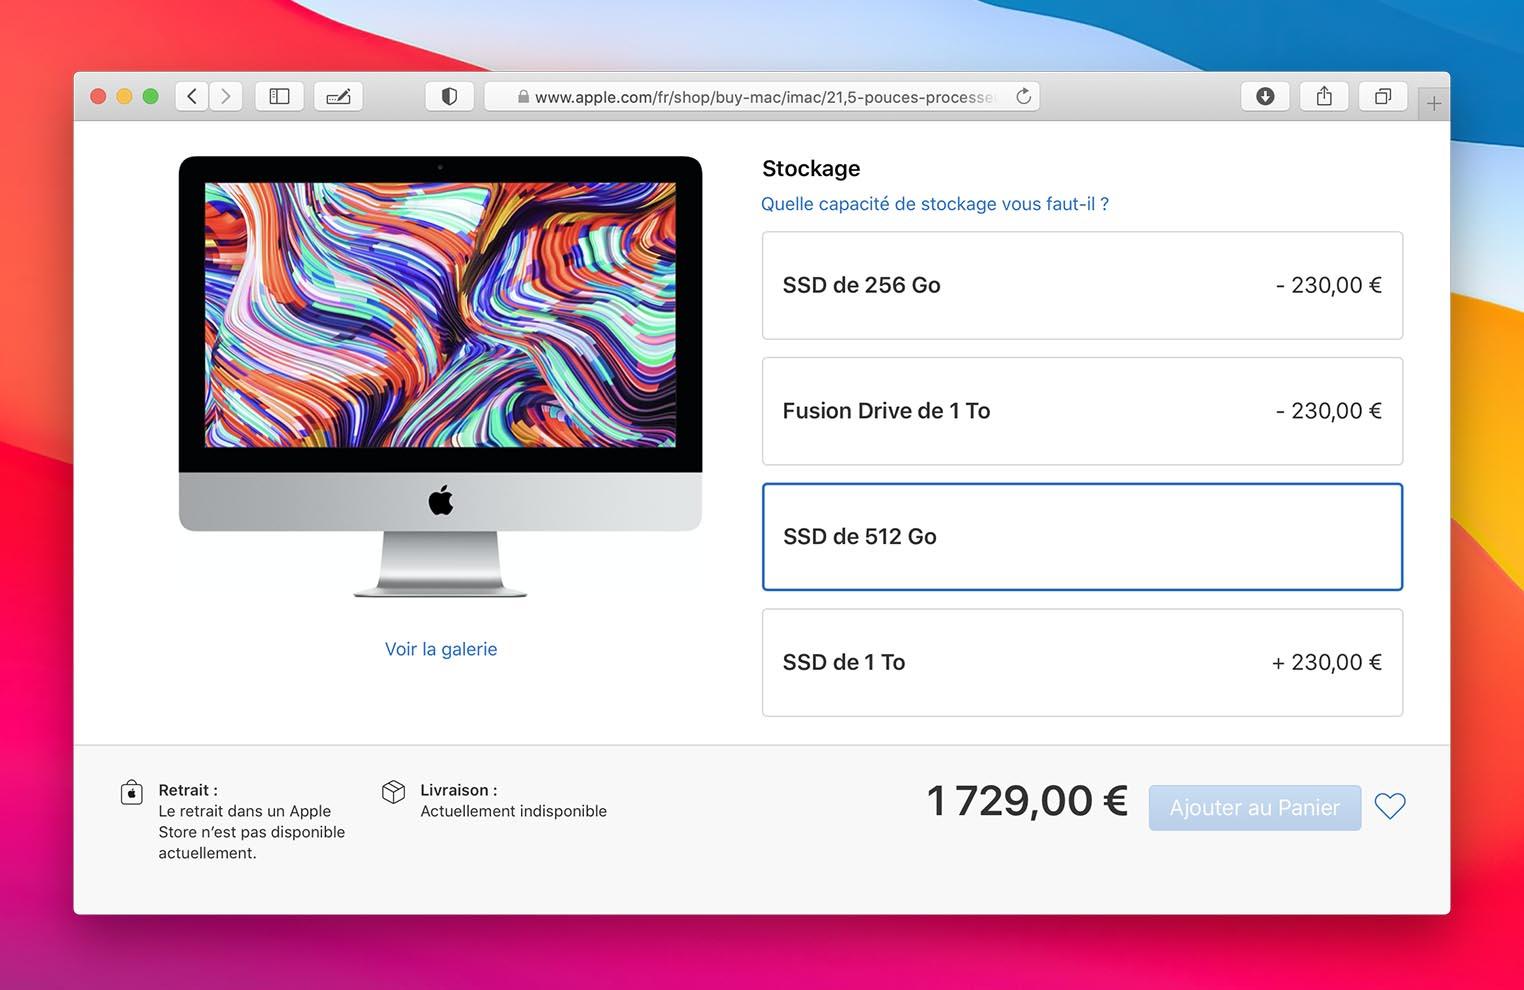 Pénurie SSD iMac 12,5 pouces Apple Store